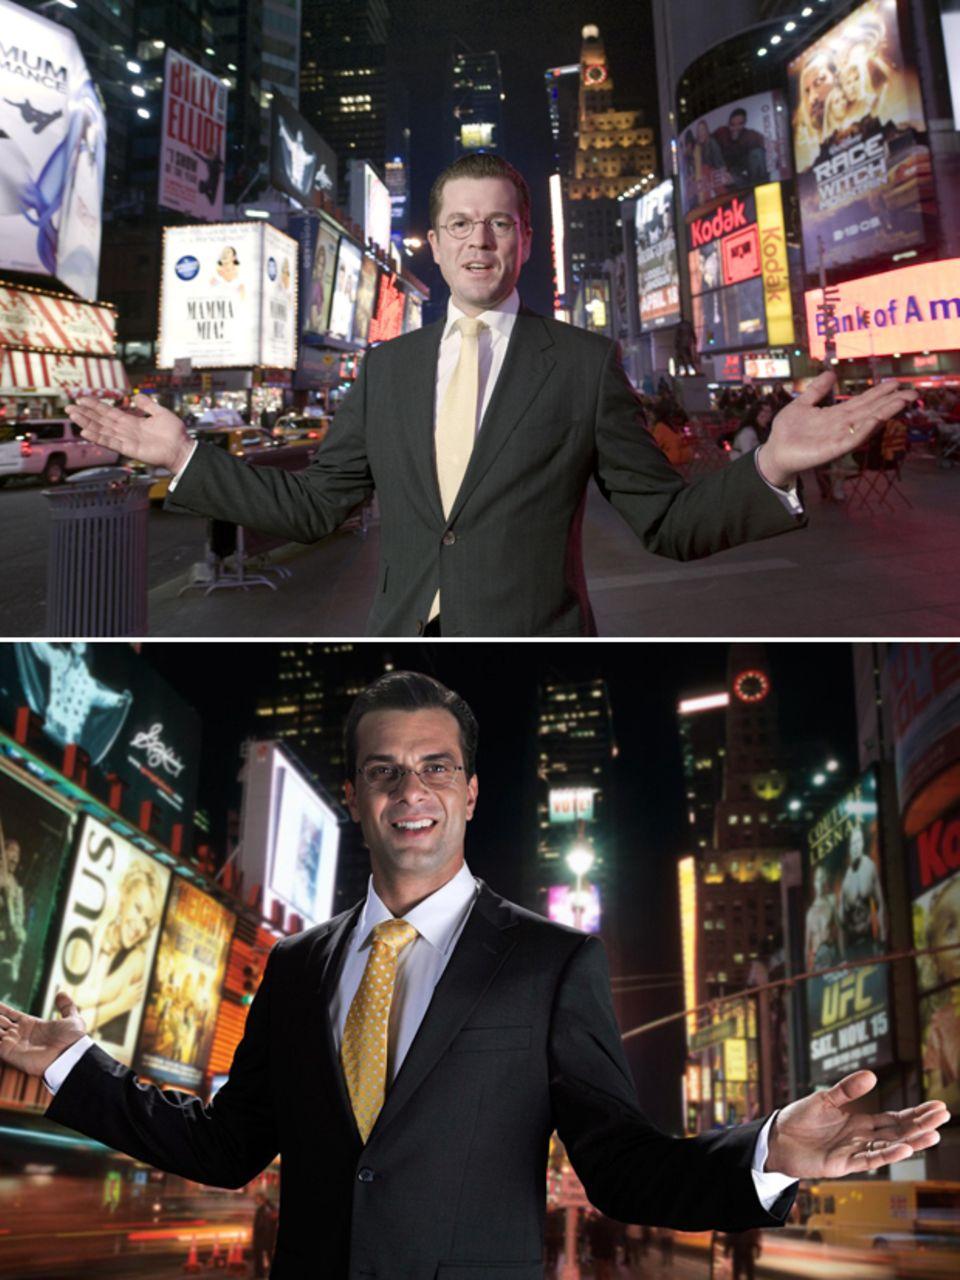 Der New York Auftritt  Bei seinem Antrittsbesuch in den USA posiert der frischgebackene Bundeswirtschaftsminister am 15. März auf dem Times Square. Unten die Szene im TV-Film.